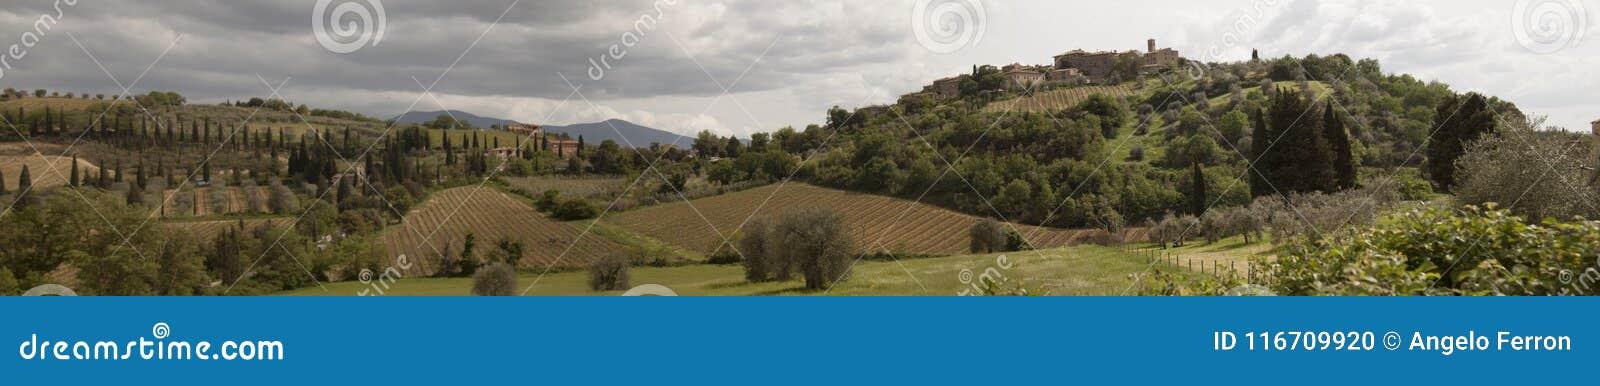 ` För den bråkdelCastelnuovo dellen minskar kommunen av ` för den Montalcino bråkdelCastelnuovo dellen minskar kommunen av Montal